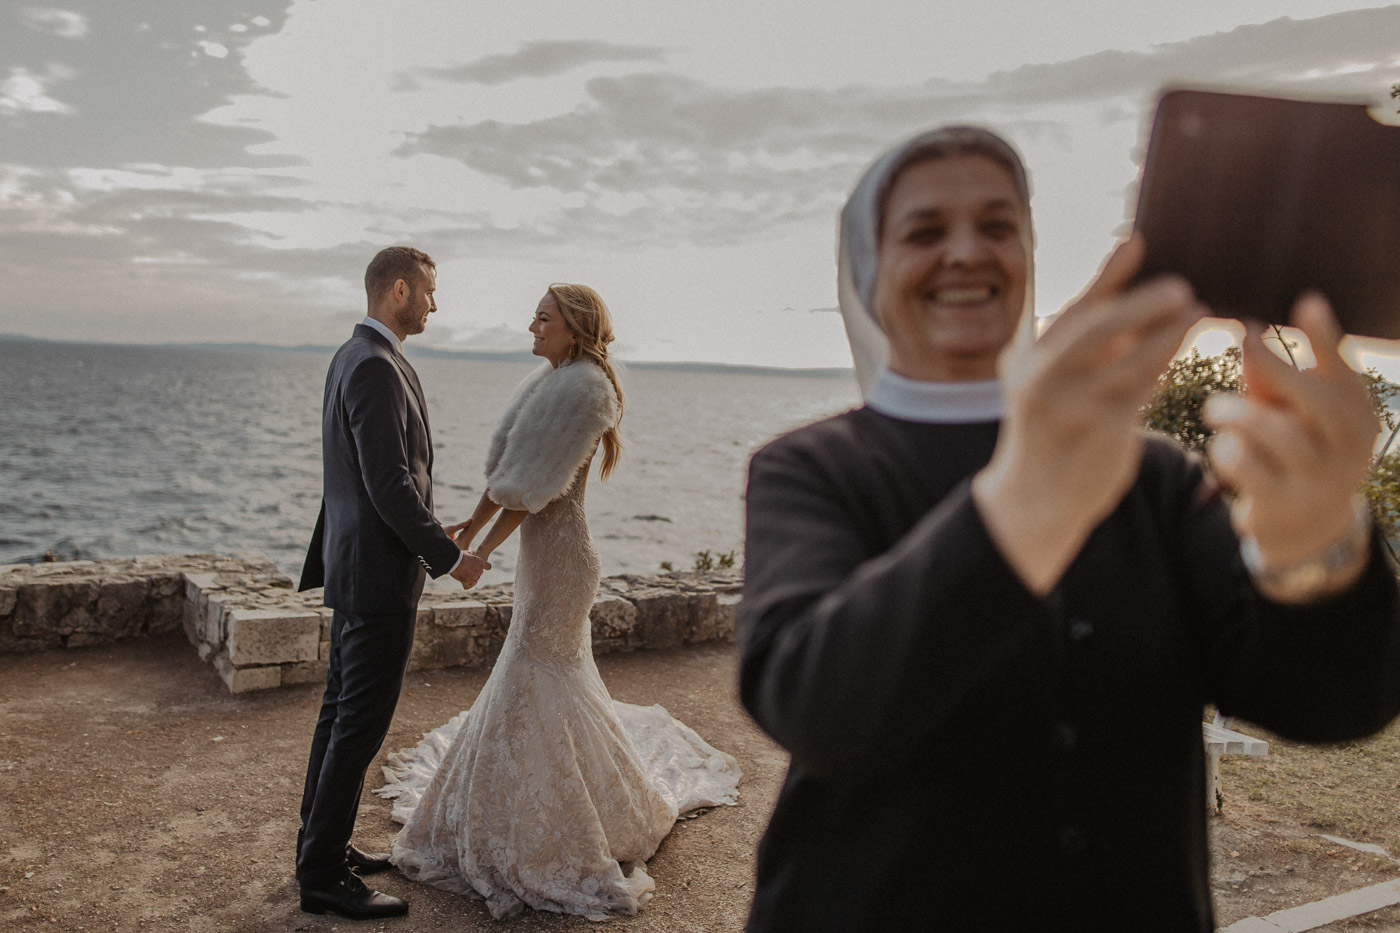 najbolje online upoznavanje za vjenčanje